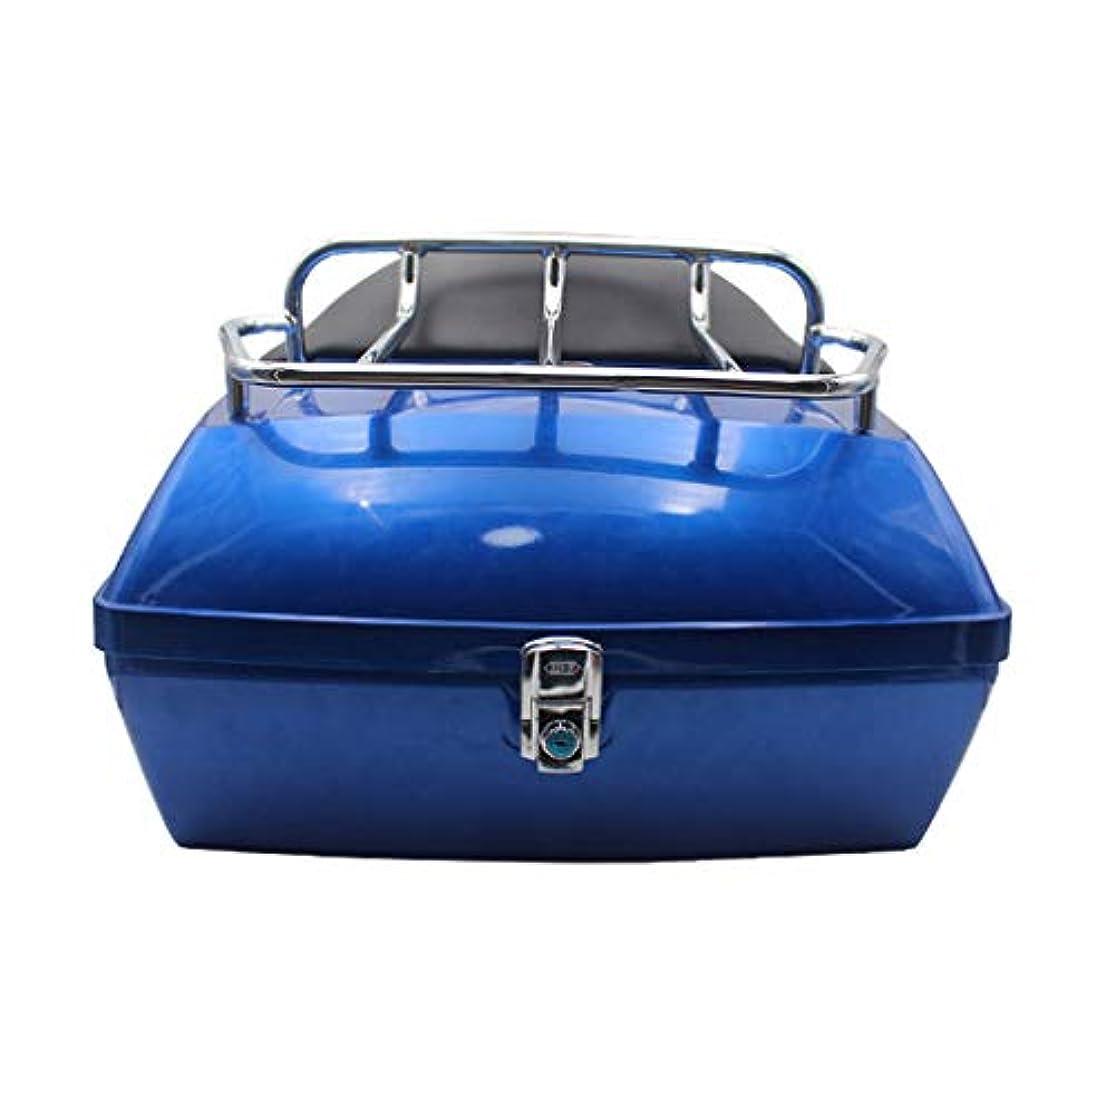 船員アンソロジーカルシウムオートバイのテールボックス、棚付き背もたれ付き48 L電気自動車トランク、ユニバーサルバイクトランクヘルメット収納ボックス